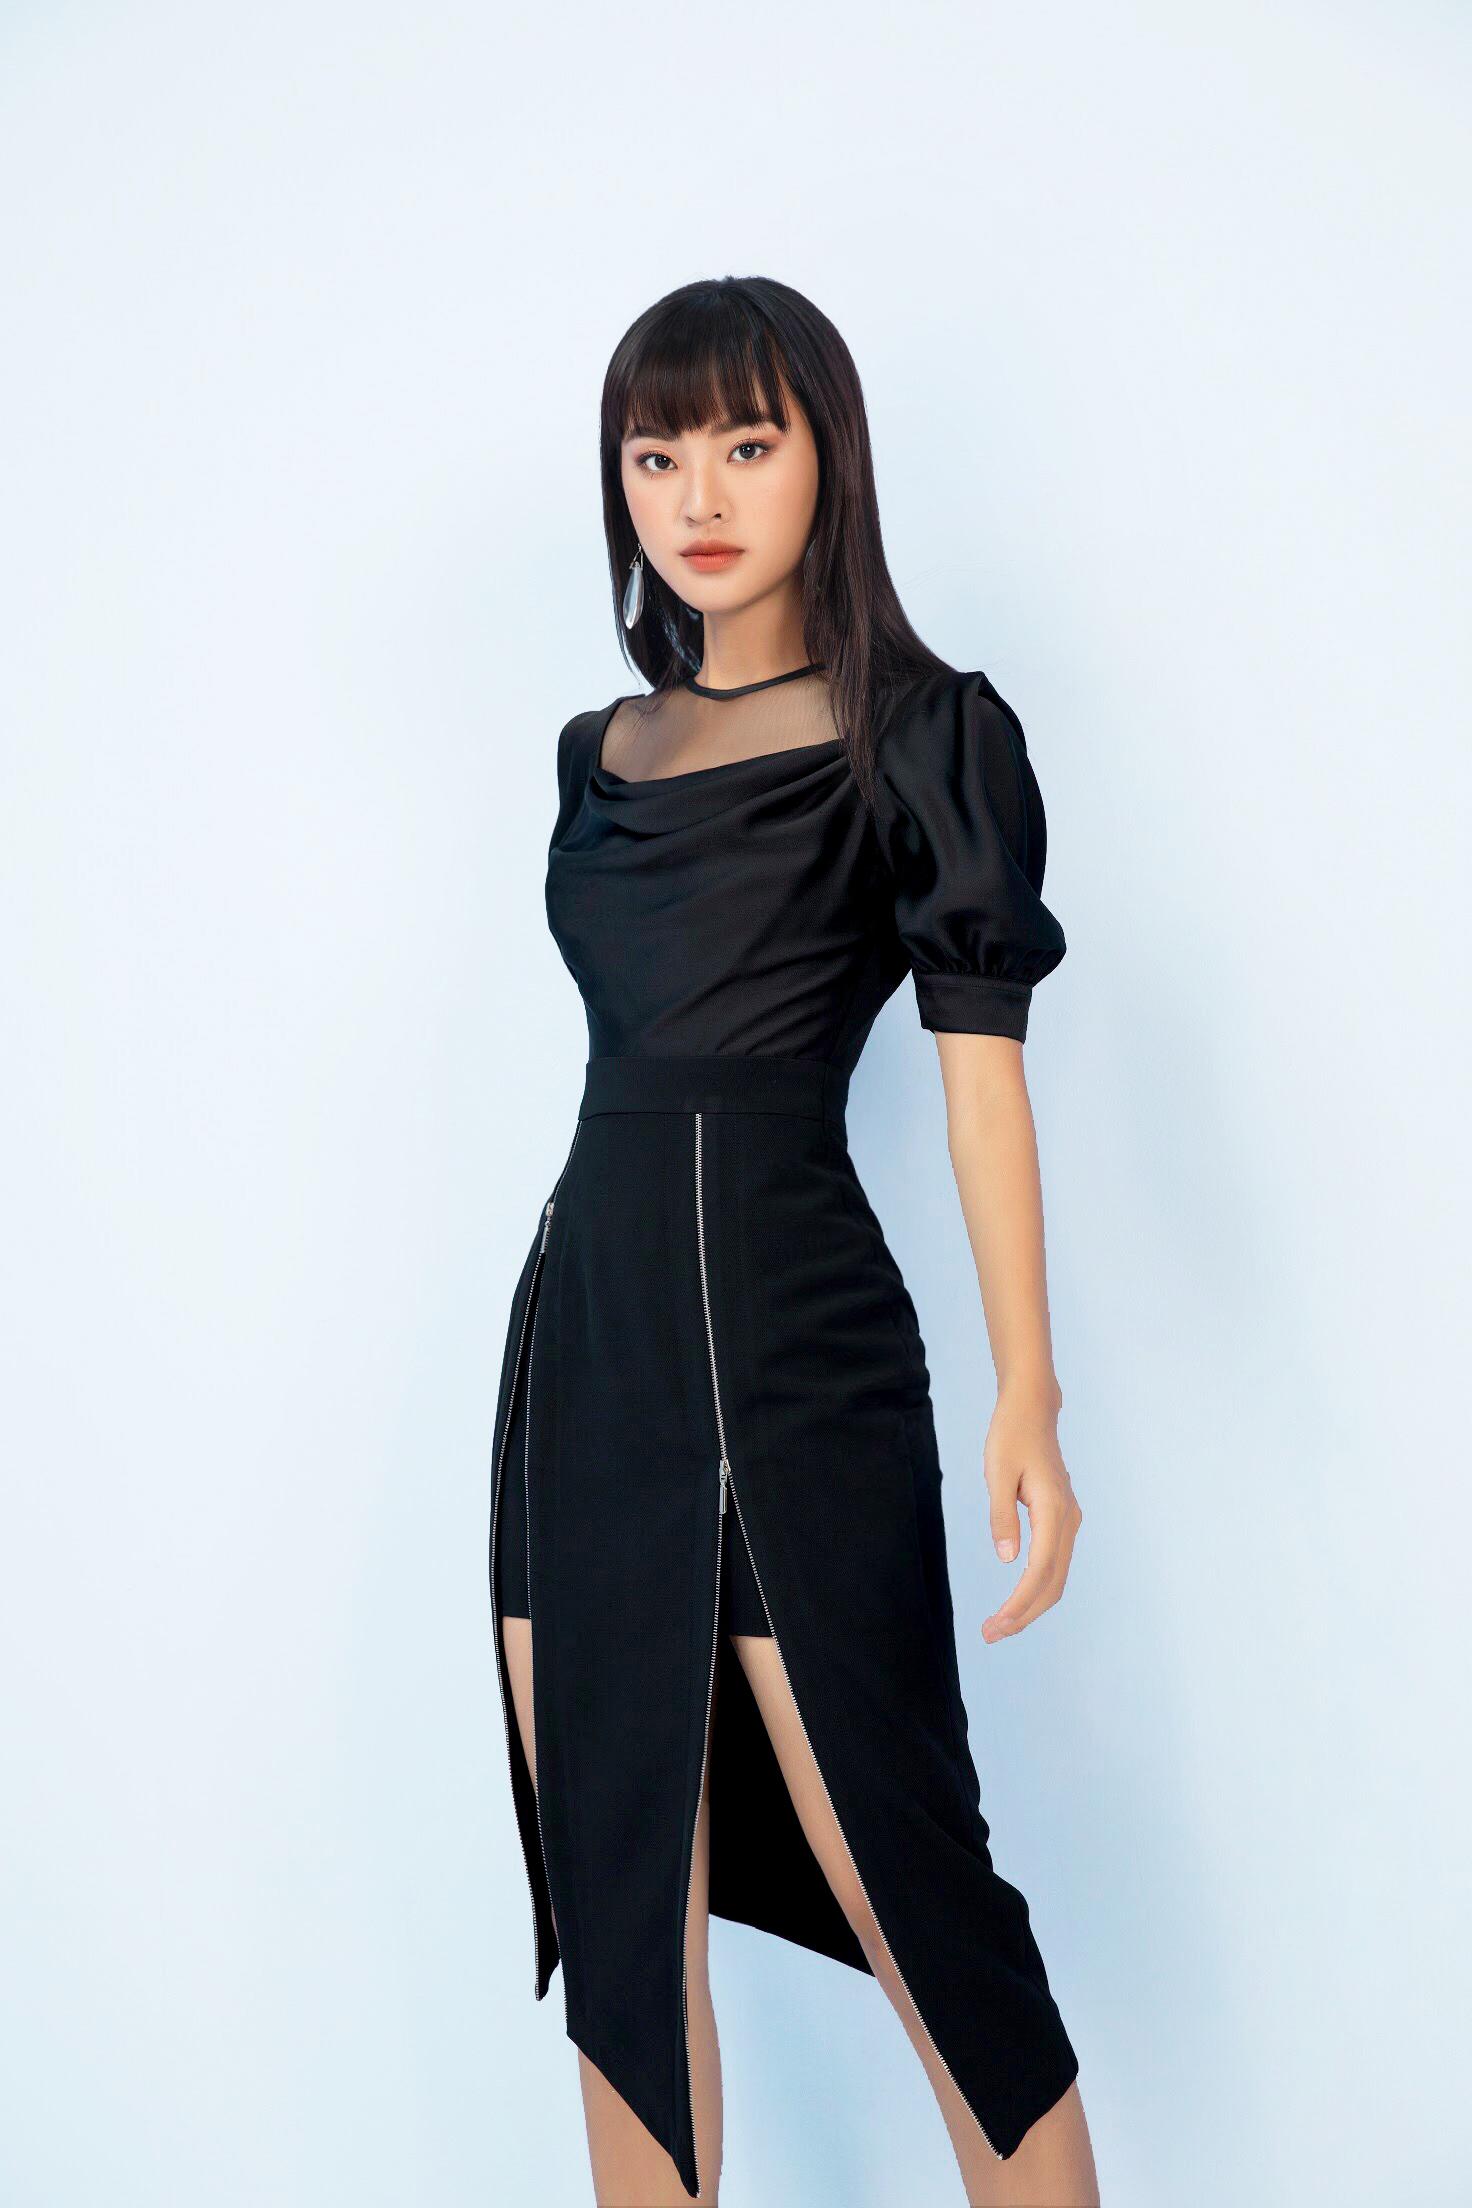 V782 - Váy đầm bút chì cổ đổ pha lưới hai khóa thiết kế tay bồng - Đen, Ghi sáng - Bely